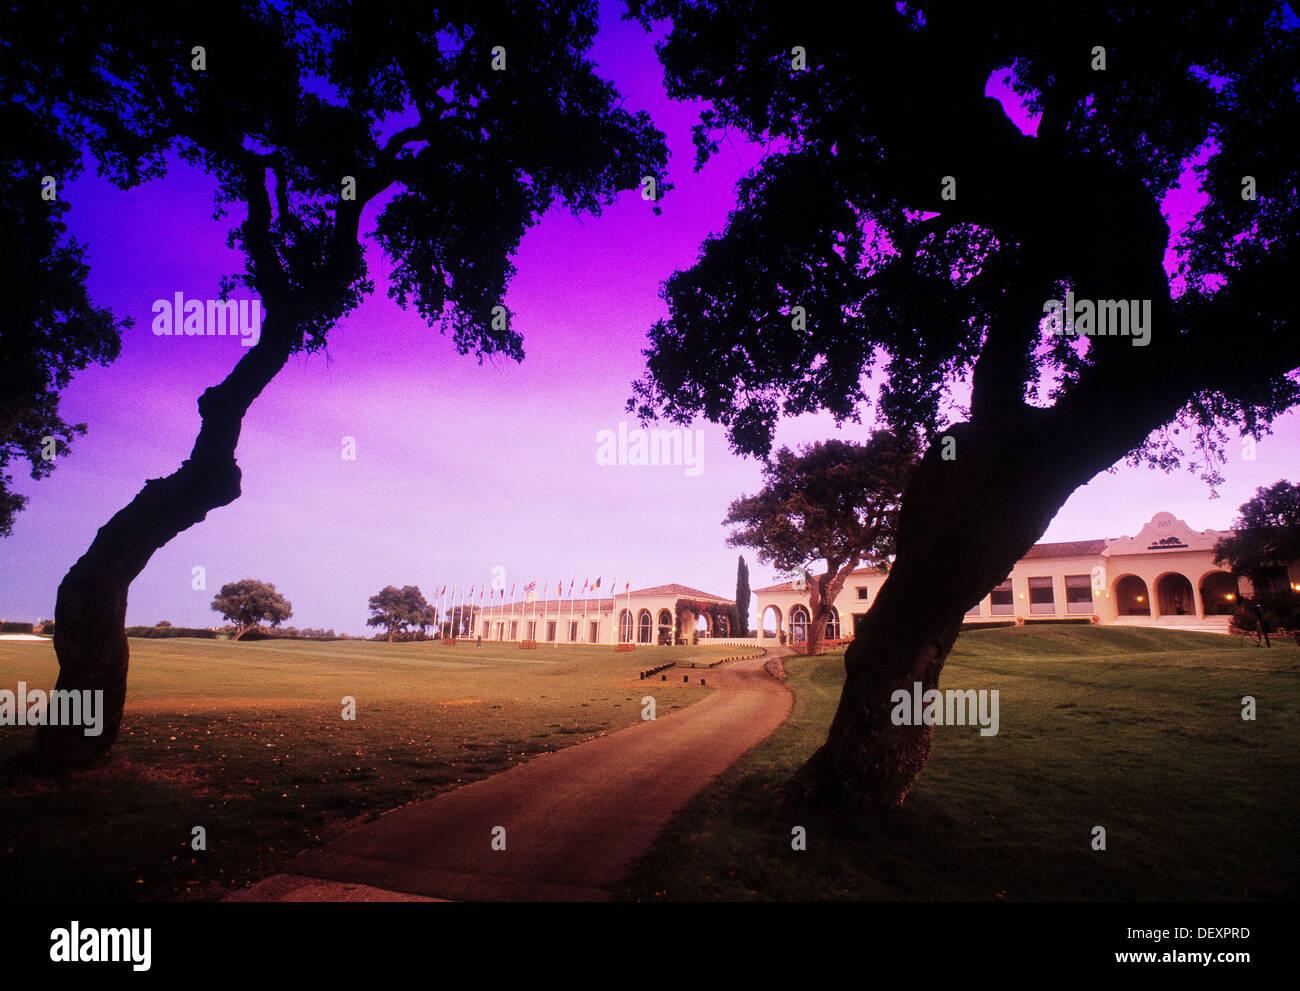 Valderrama golf club in Sotogrande. Cádiz province, Spain - Stock Image